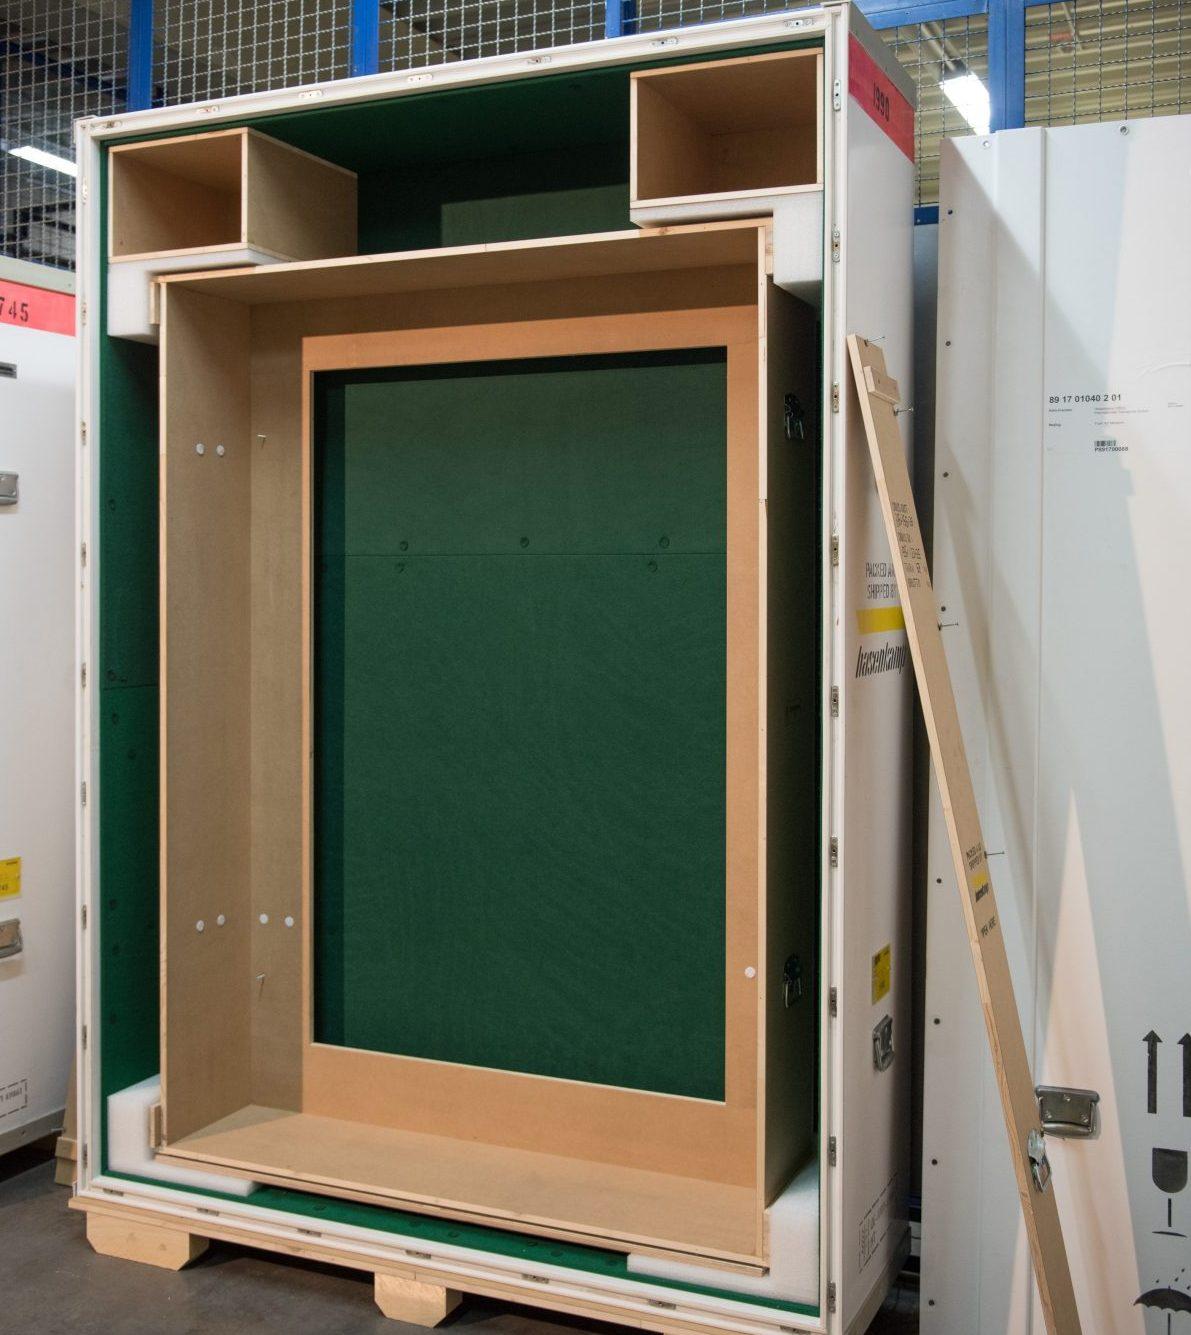 Eine leere Klimakiste mit Innenkiste zum kontaktfreien Transport eines modernen Gemäldes. (Bild: Thekla Ehling)